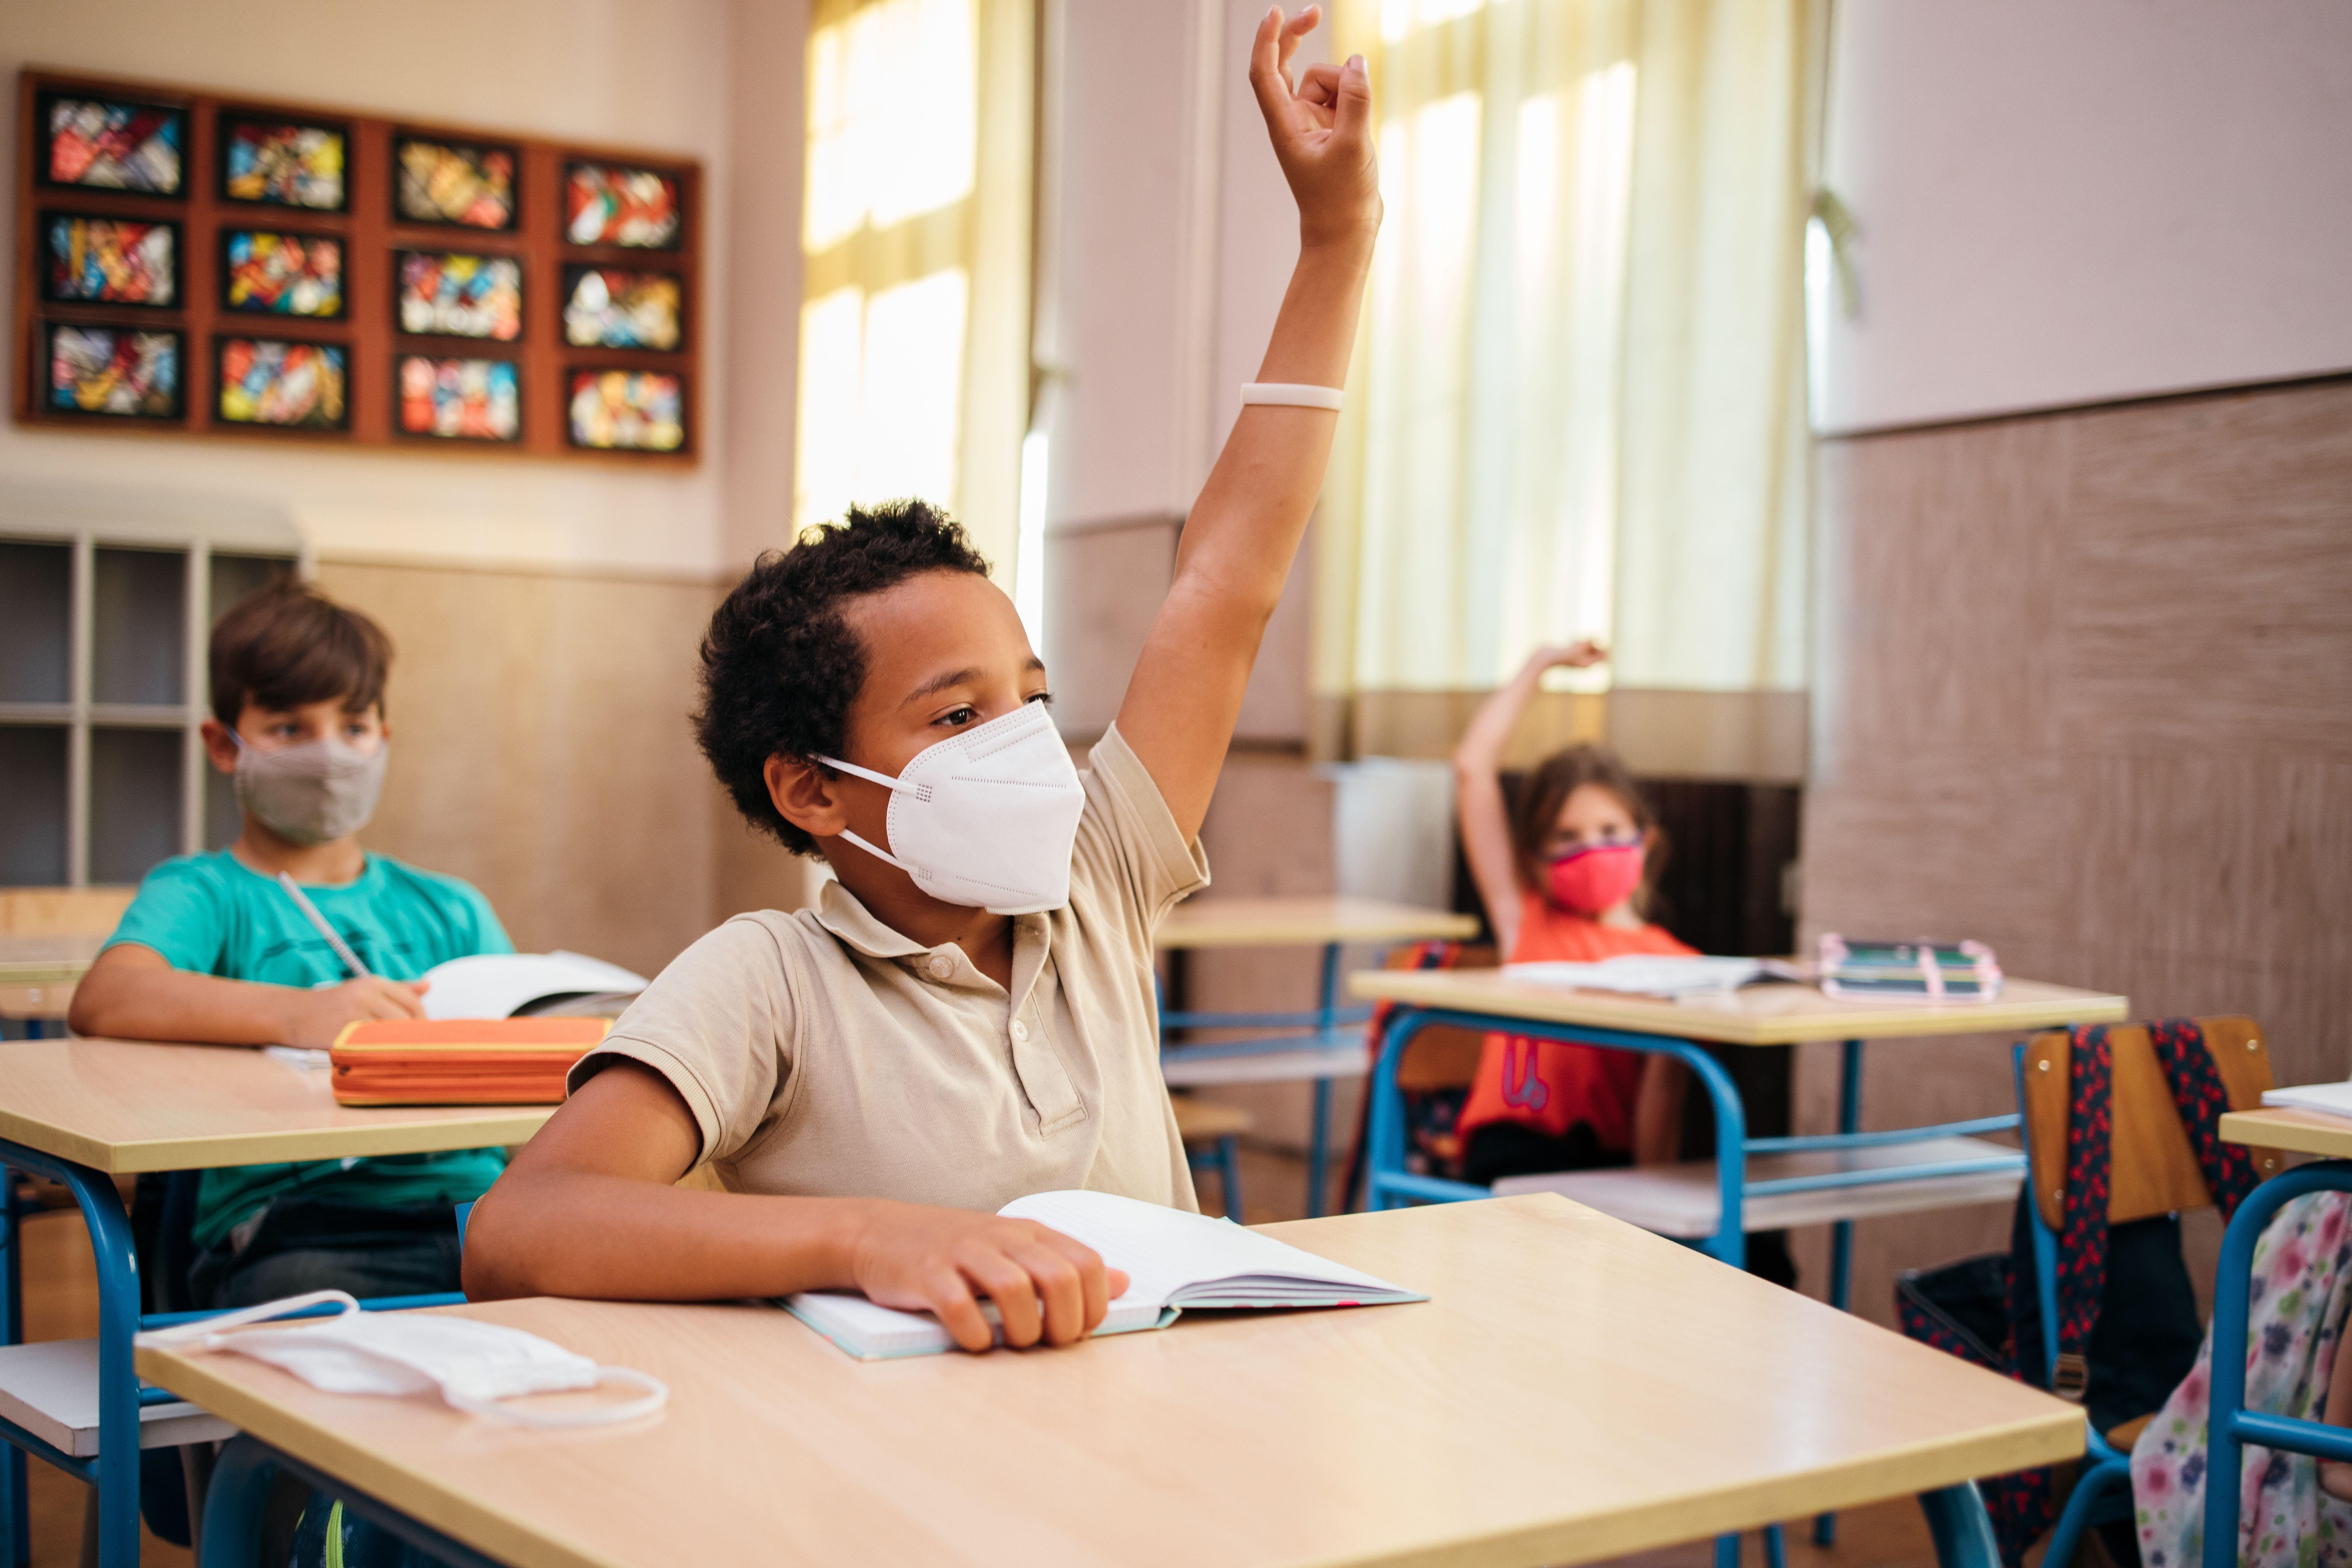 Selon le ministre de l'Éducation Jean-Michel Blanquer, 0,5 % des classes ont fermé à cause de cas de...